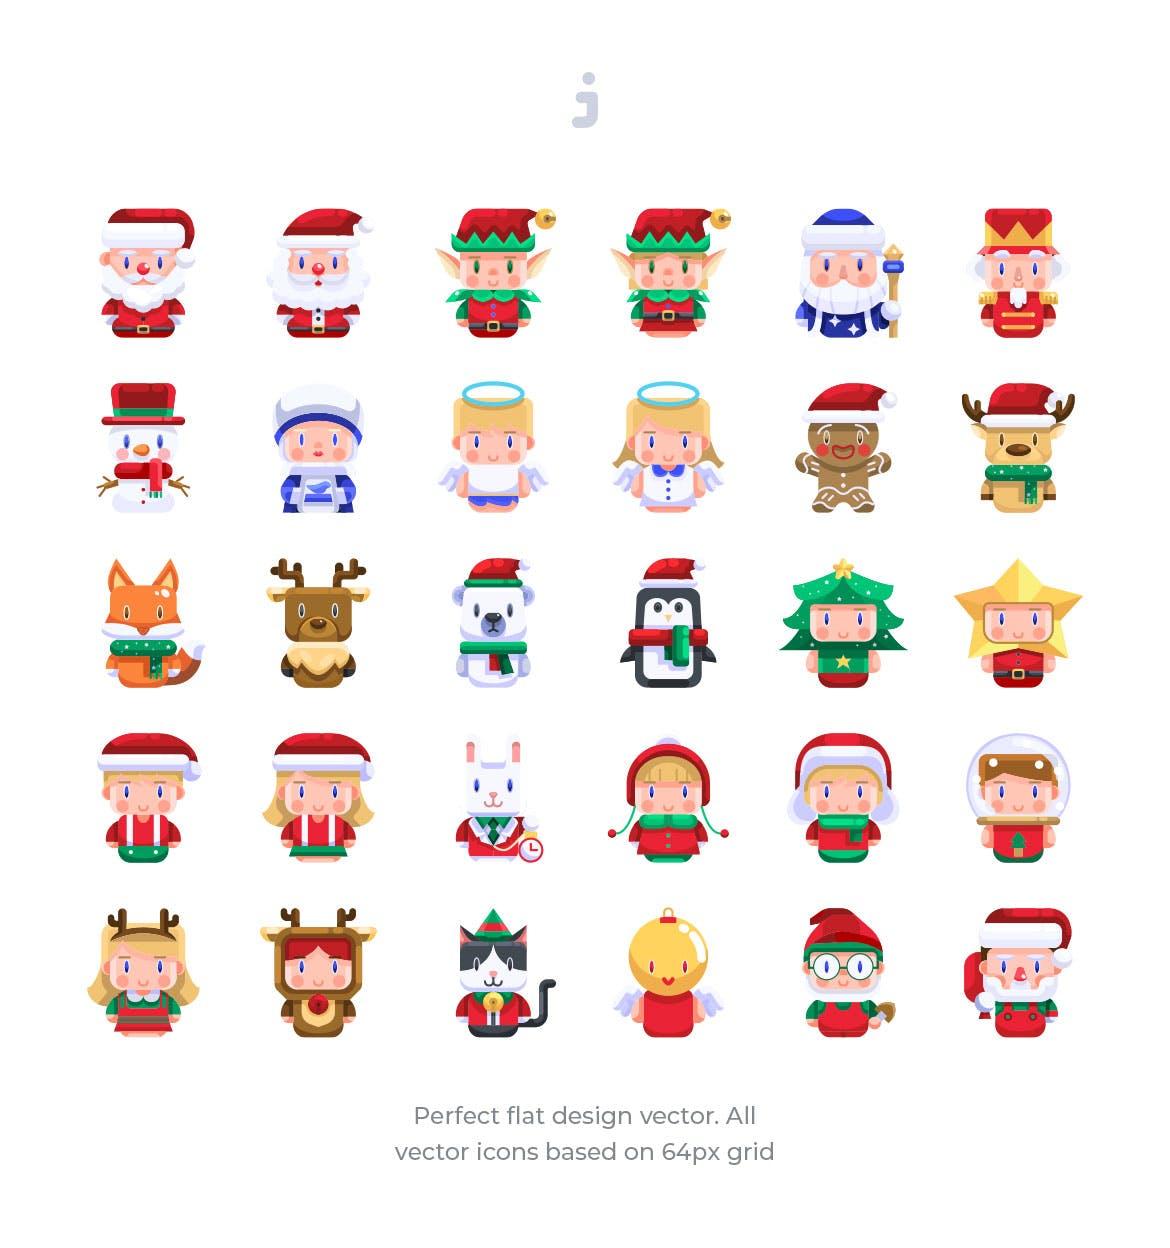 可爱甜美的圣诞节卡通图标设计素材AI矢量图标下载christmas-avatar-icons-flat